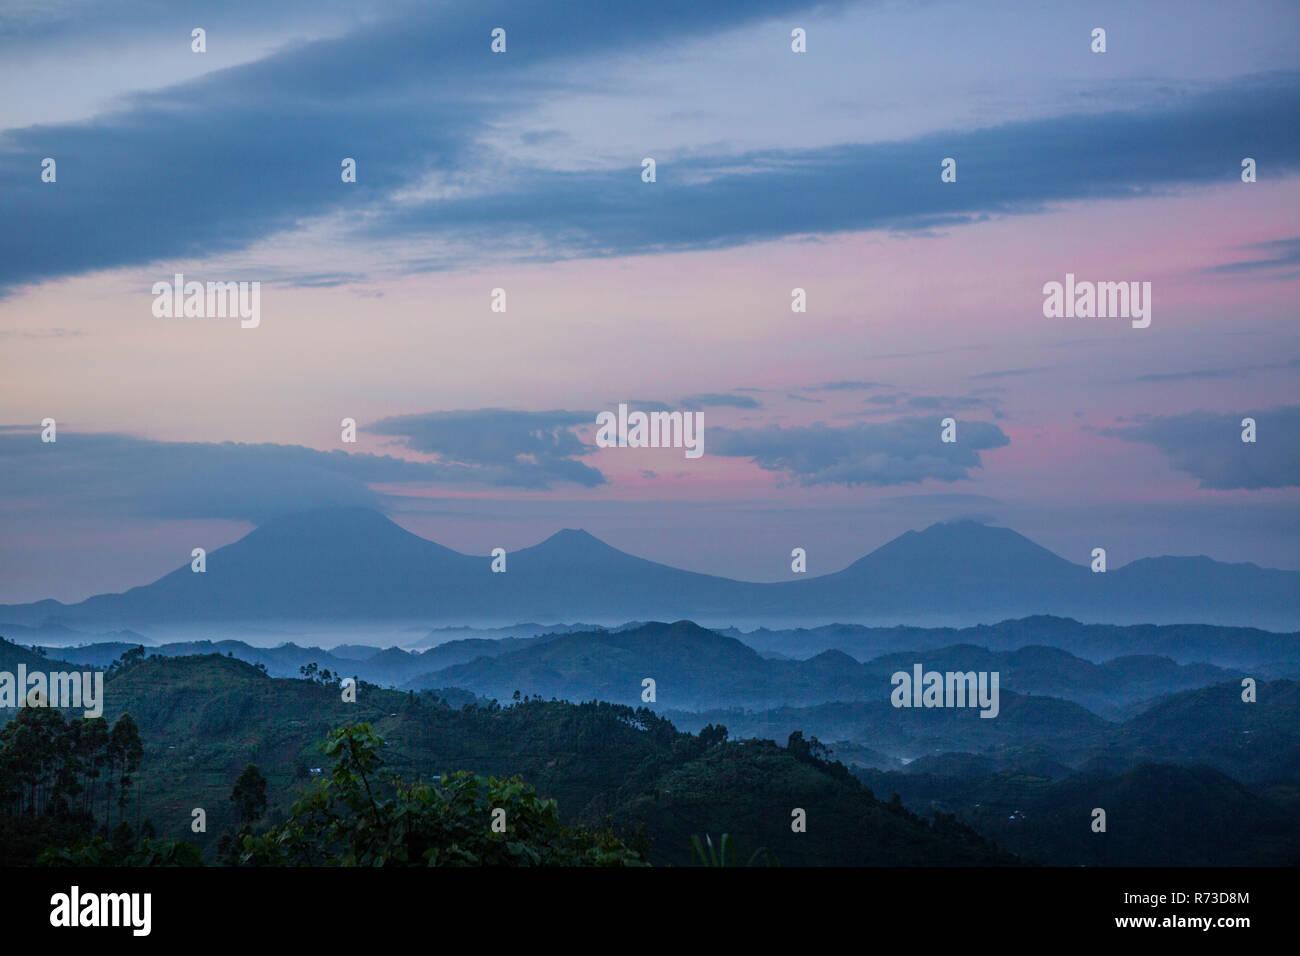 Virunga Mountains with its volcanoes, Uganda - Stock Image